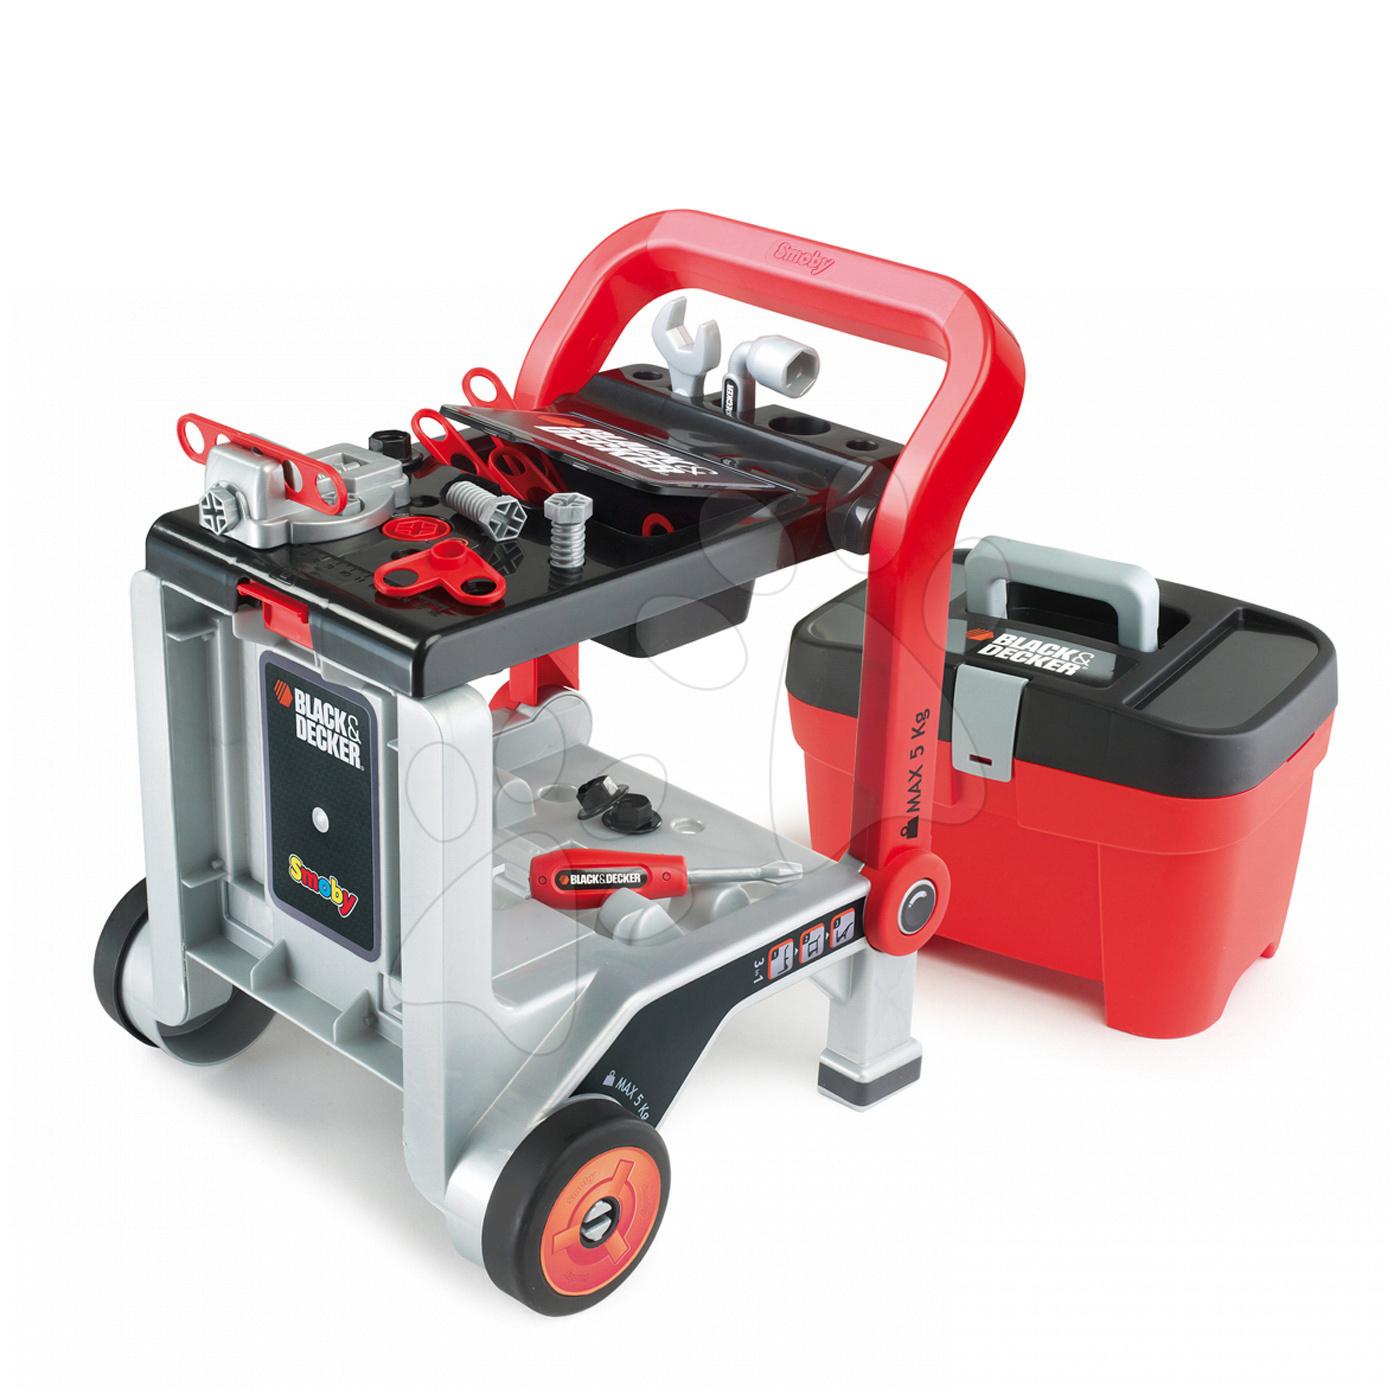 Smoby pracovný vozík Black&Decker Devil Workmate 3v1 a kufrík s náradím 500187 červeno-čierny